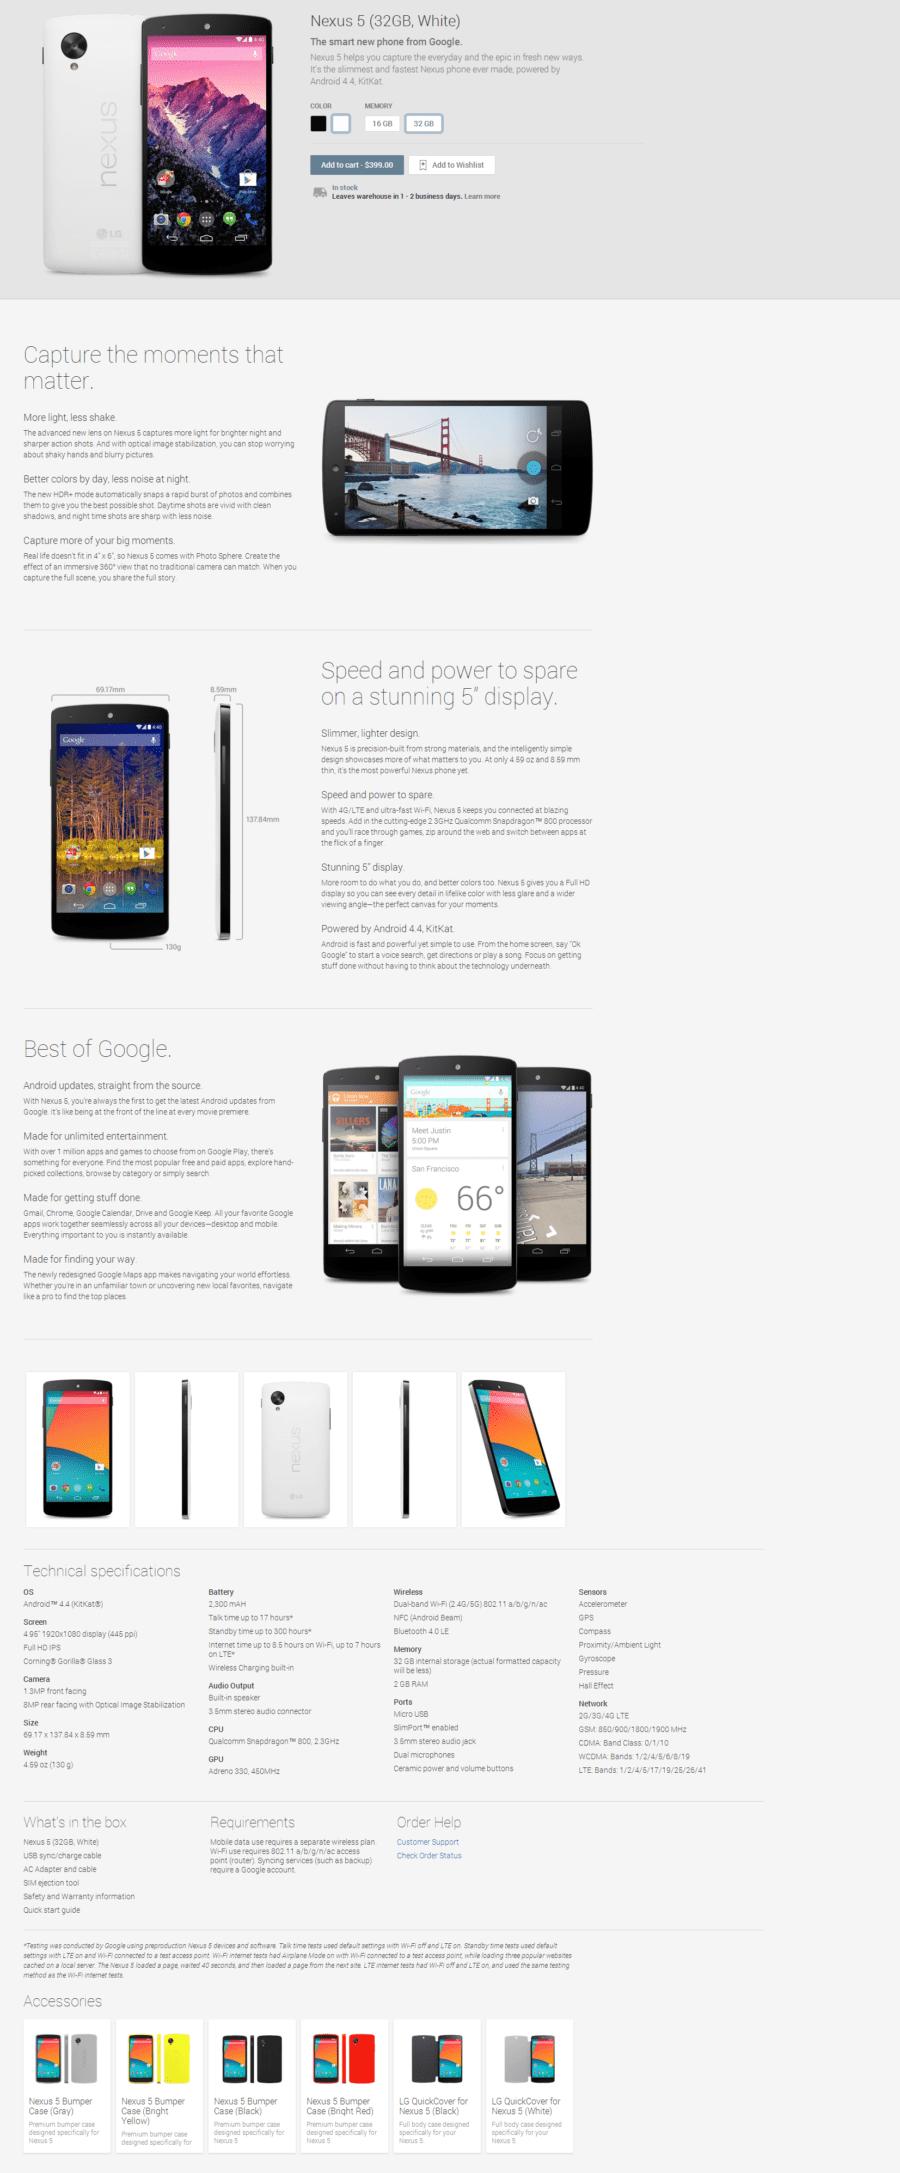 Nexus 5 32GB White Devices on Google Play